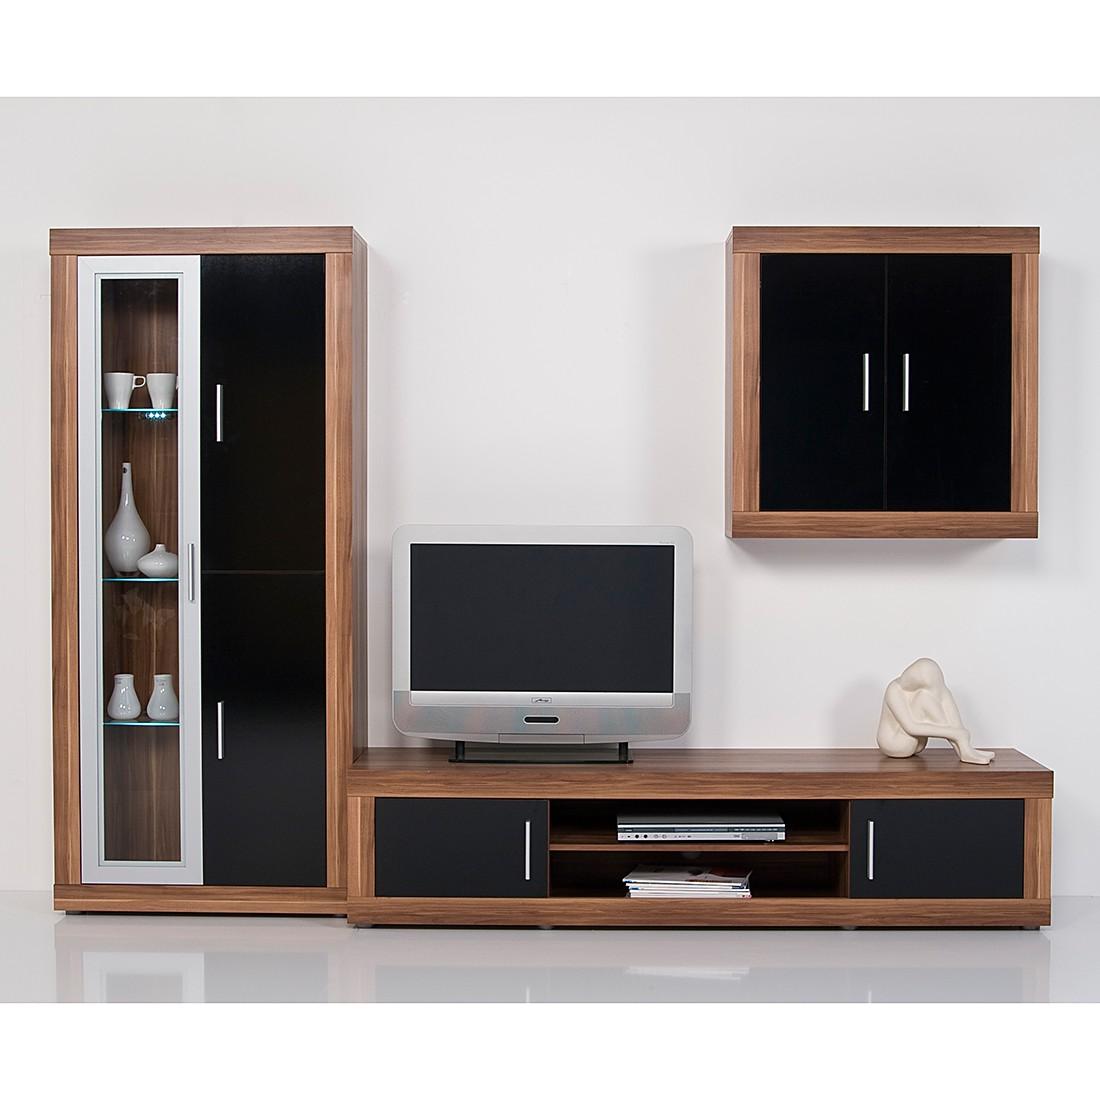 preisvergleich eu wohnwand nussbaum schwarz. Black Bedroom Furniture Sets. Home Design Ideas